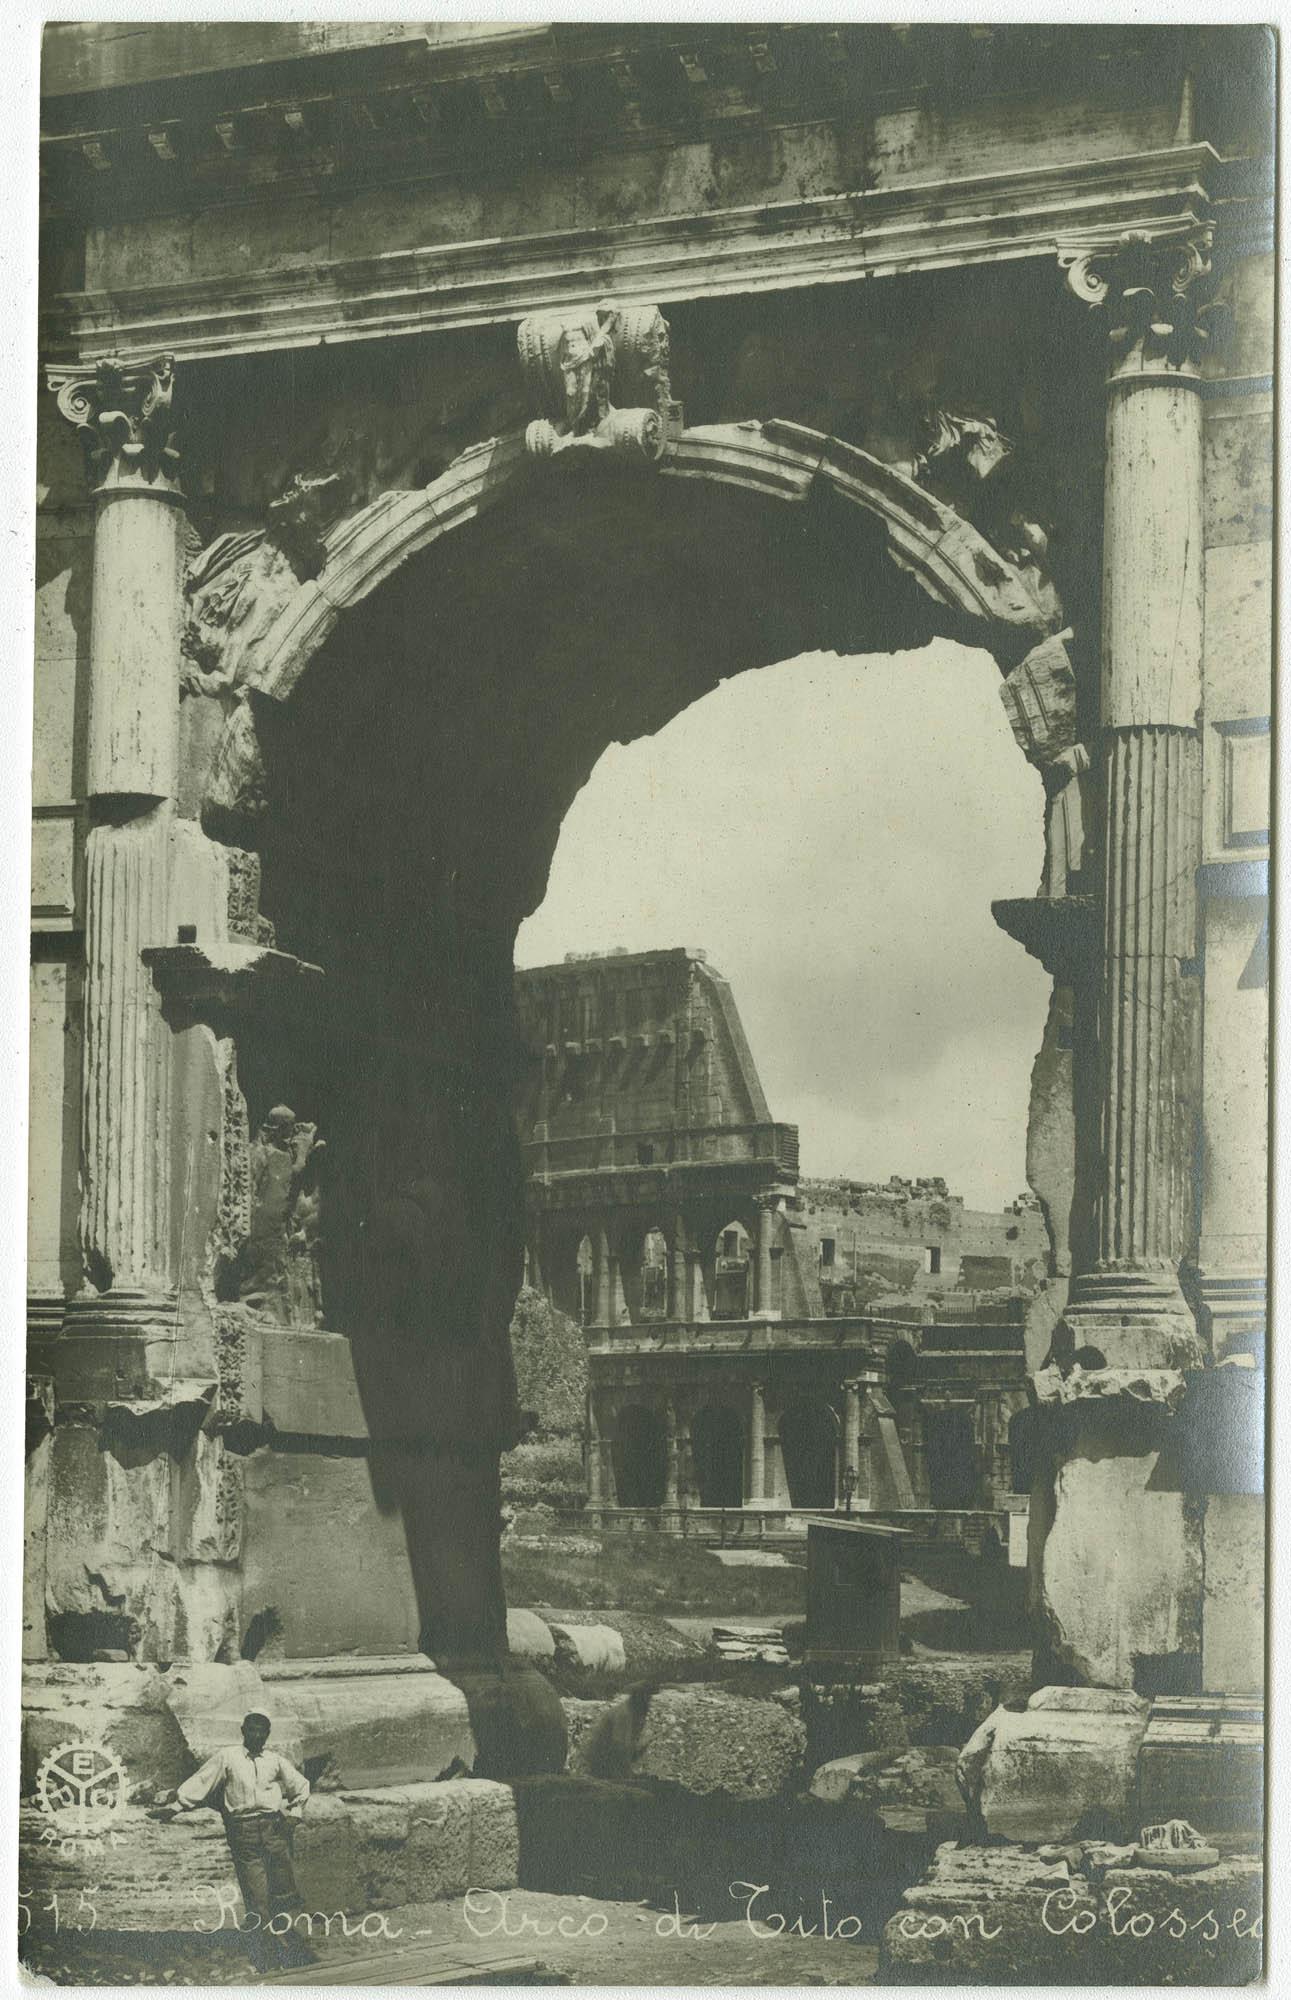 Roma - Arco di Tito con Colosseo